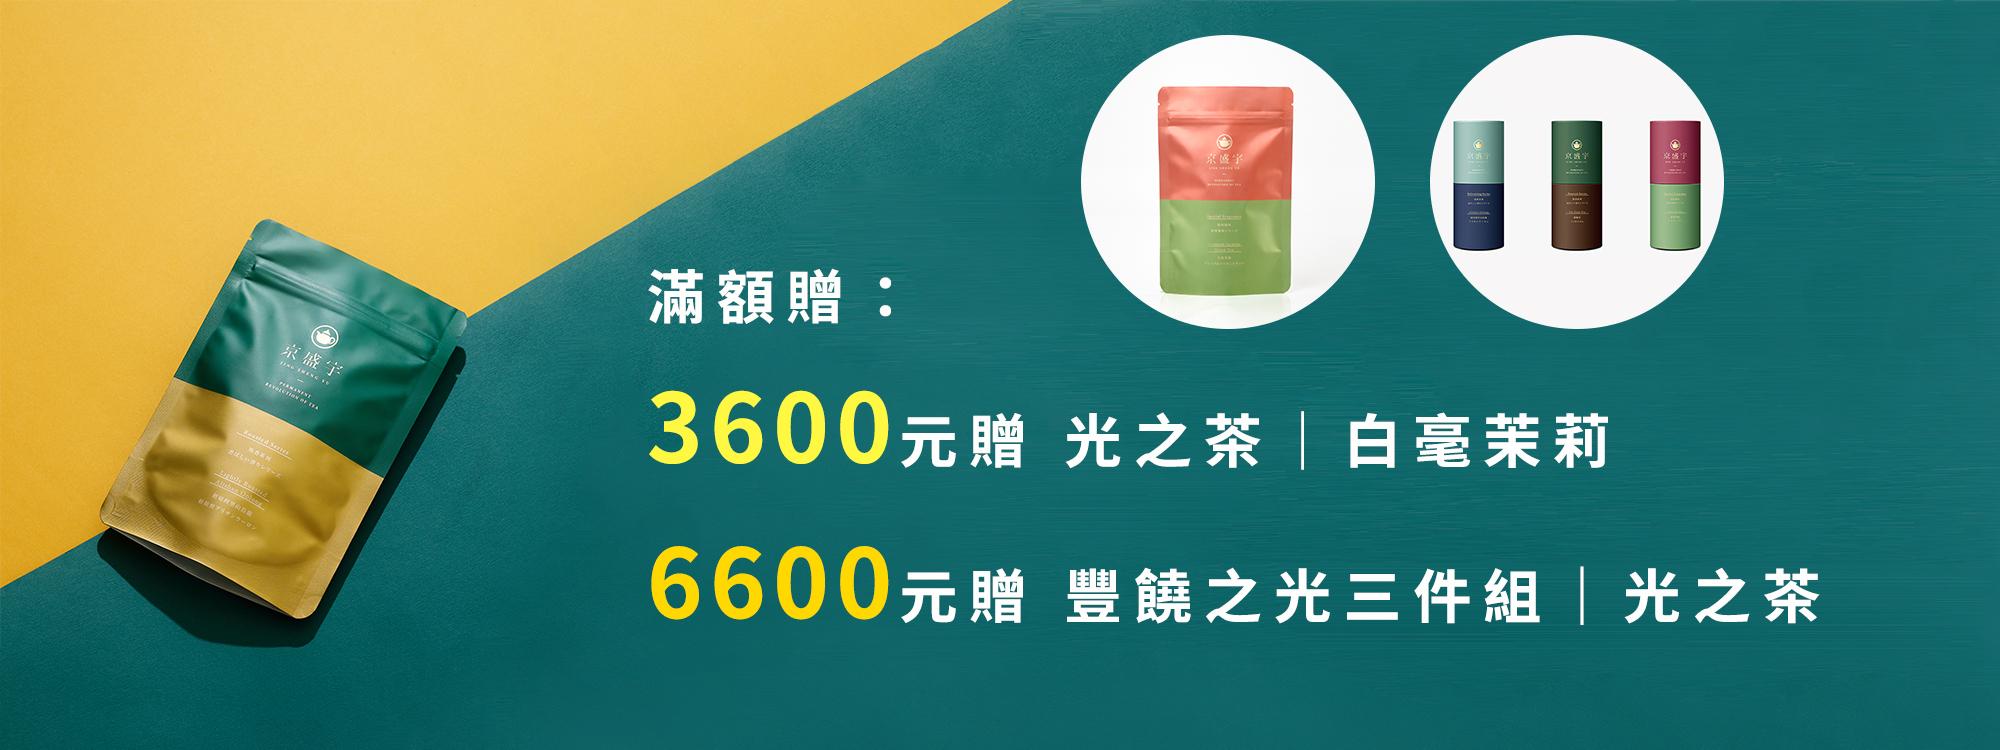 京盛宇官網滿額贈,消費滿$3600元即贈白毫茉莉光之茶袋茶,消費滿$6600元即贈光之茶豐饒之光三件組。